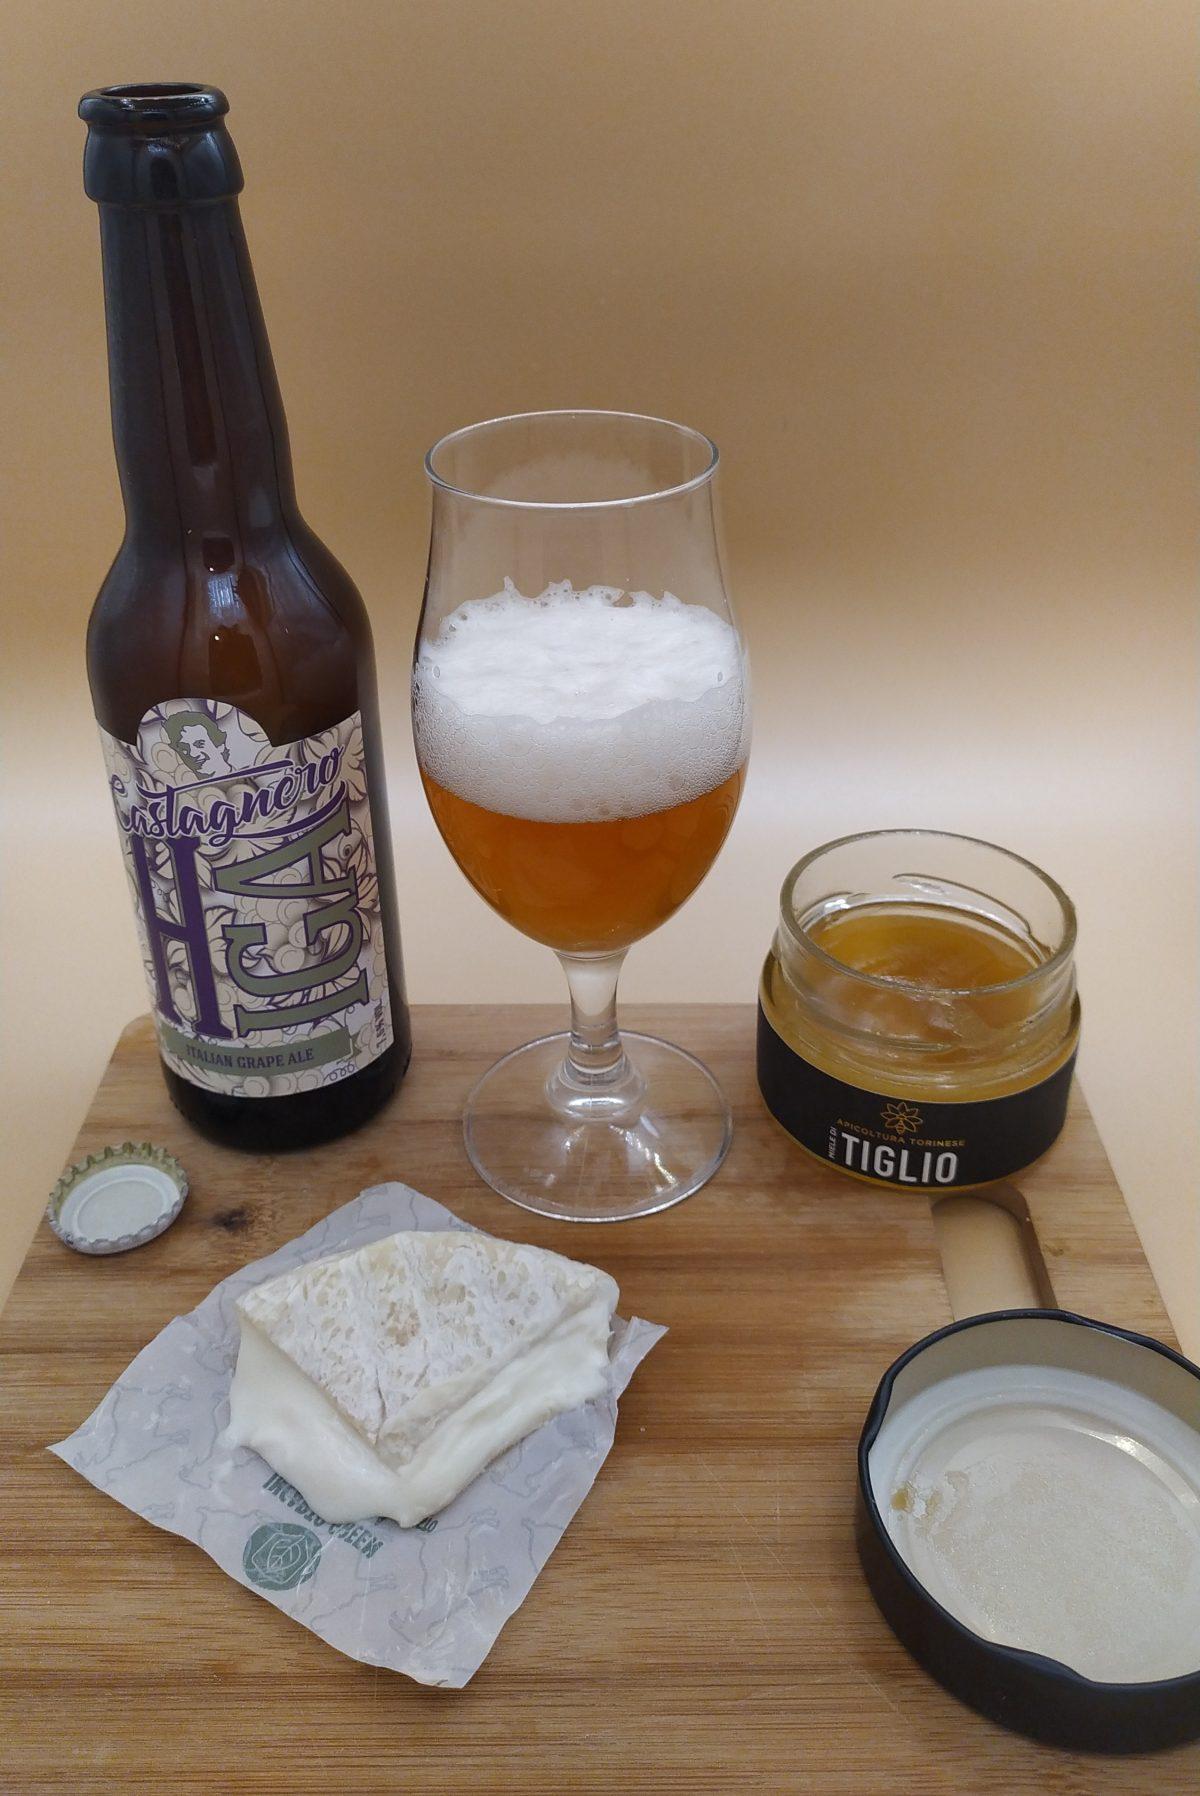 Castagnero Birra HIGA - Caprino - Miele di Tiglio